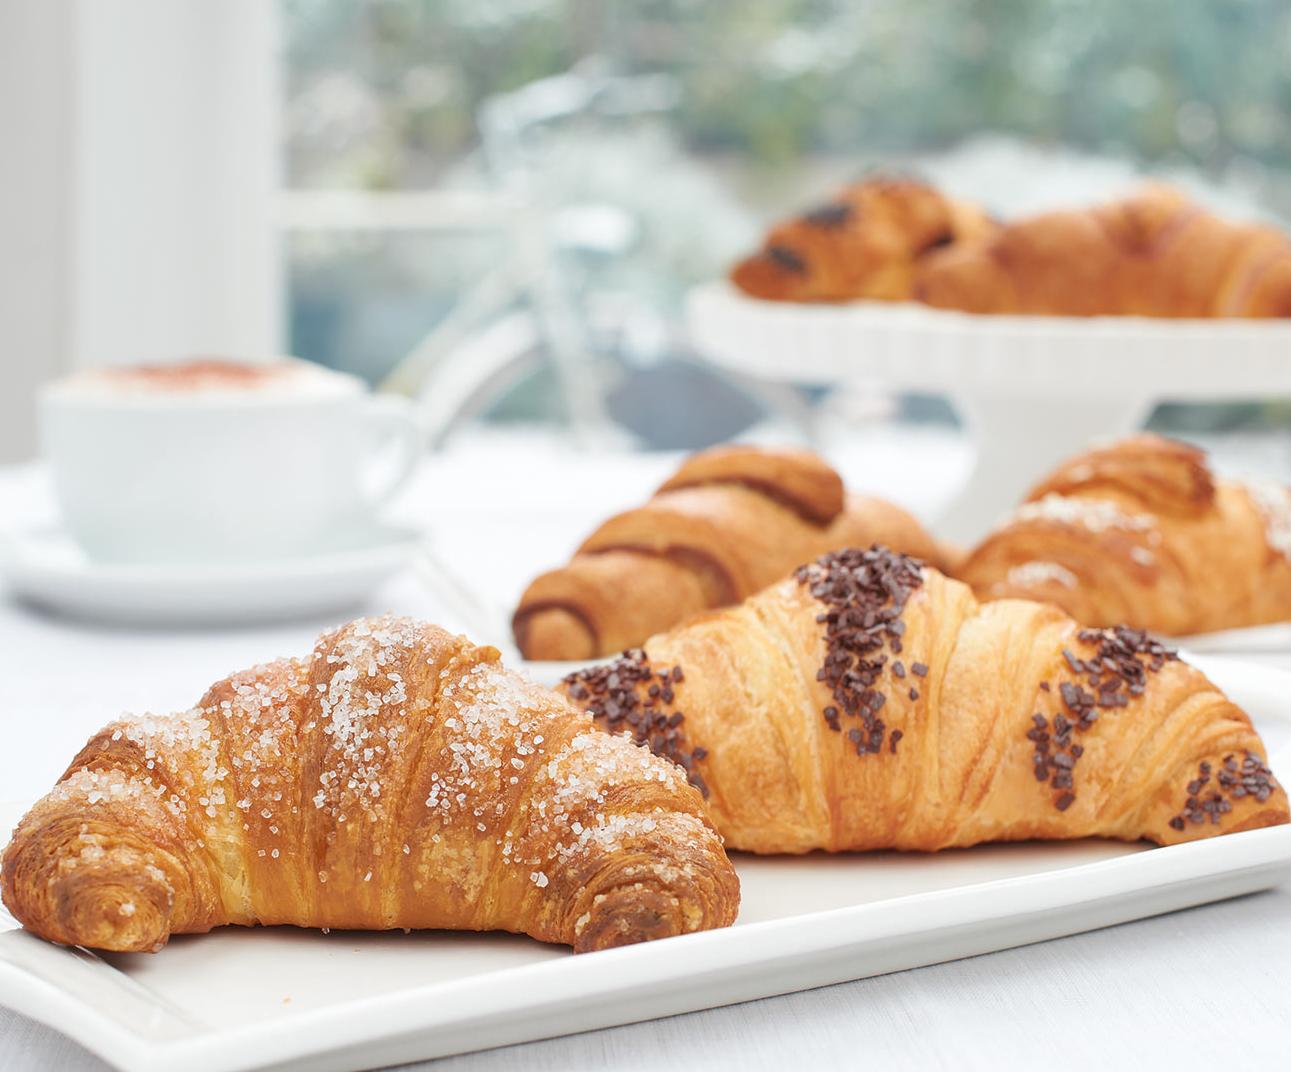 Croissant della Sammontana contengono dei filamenti metallici